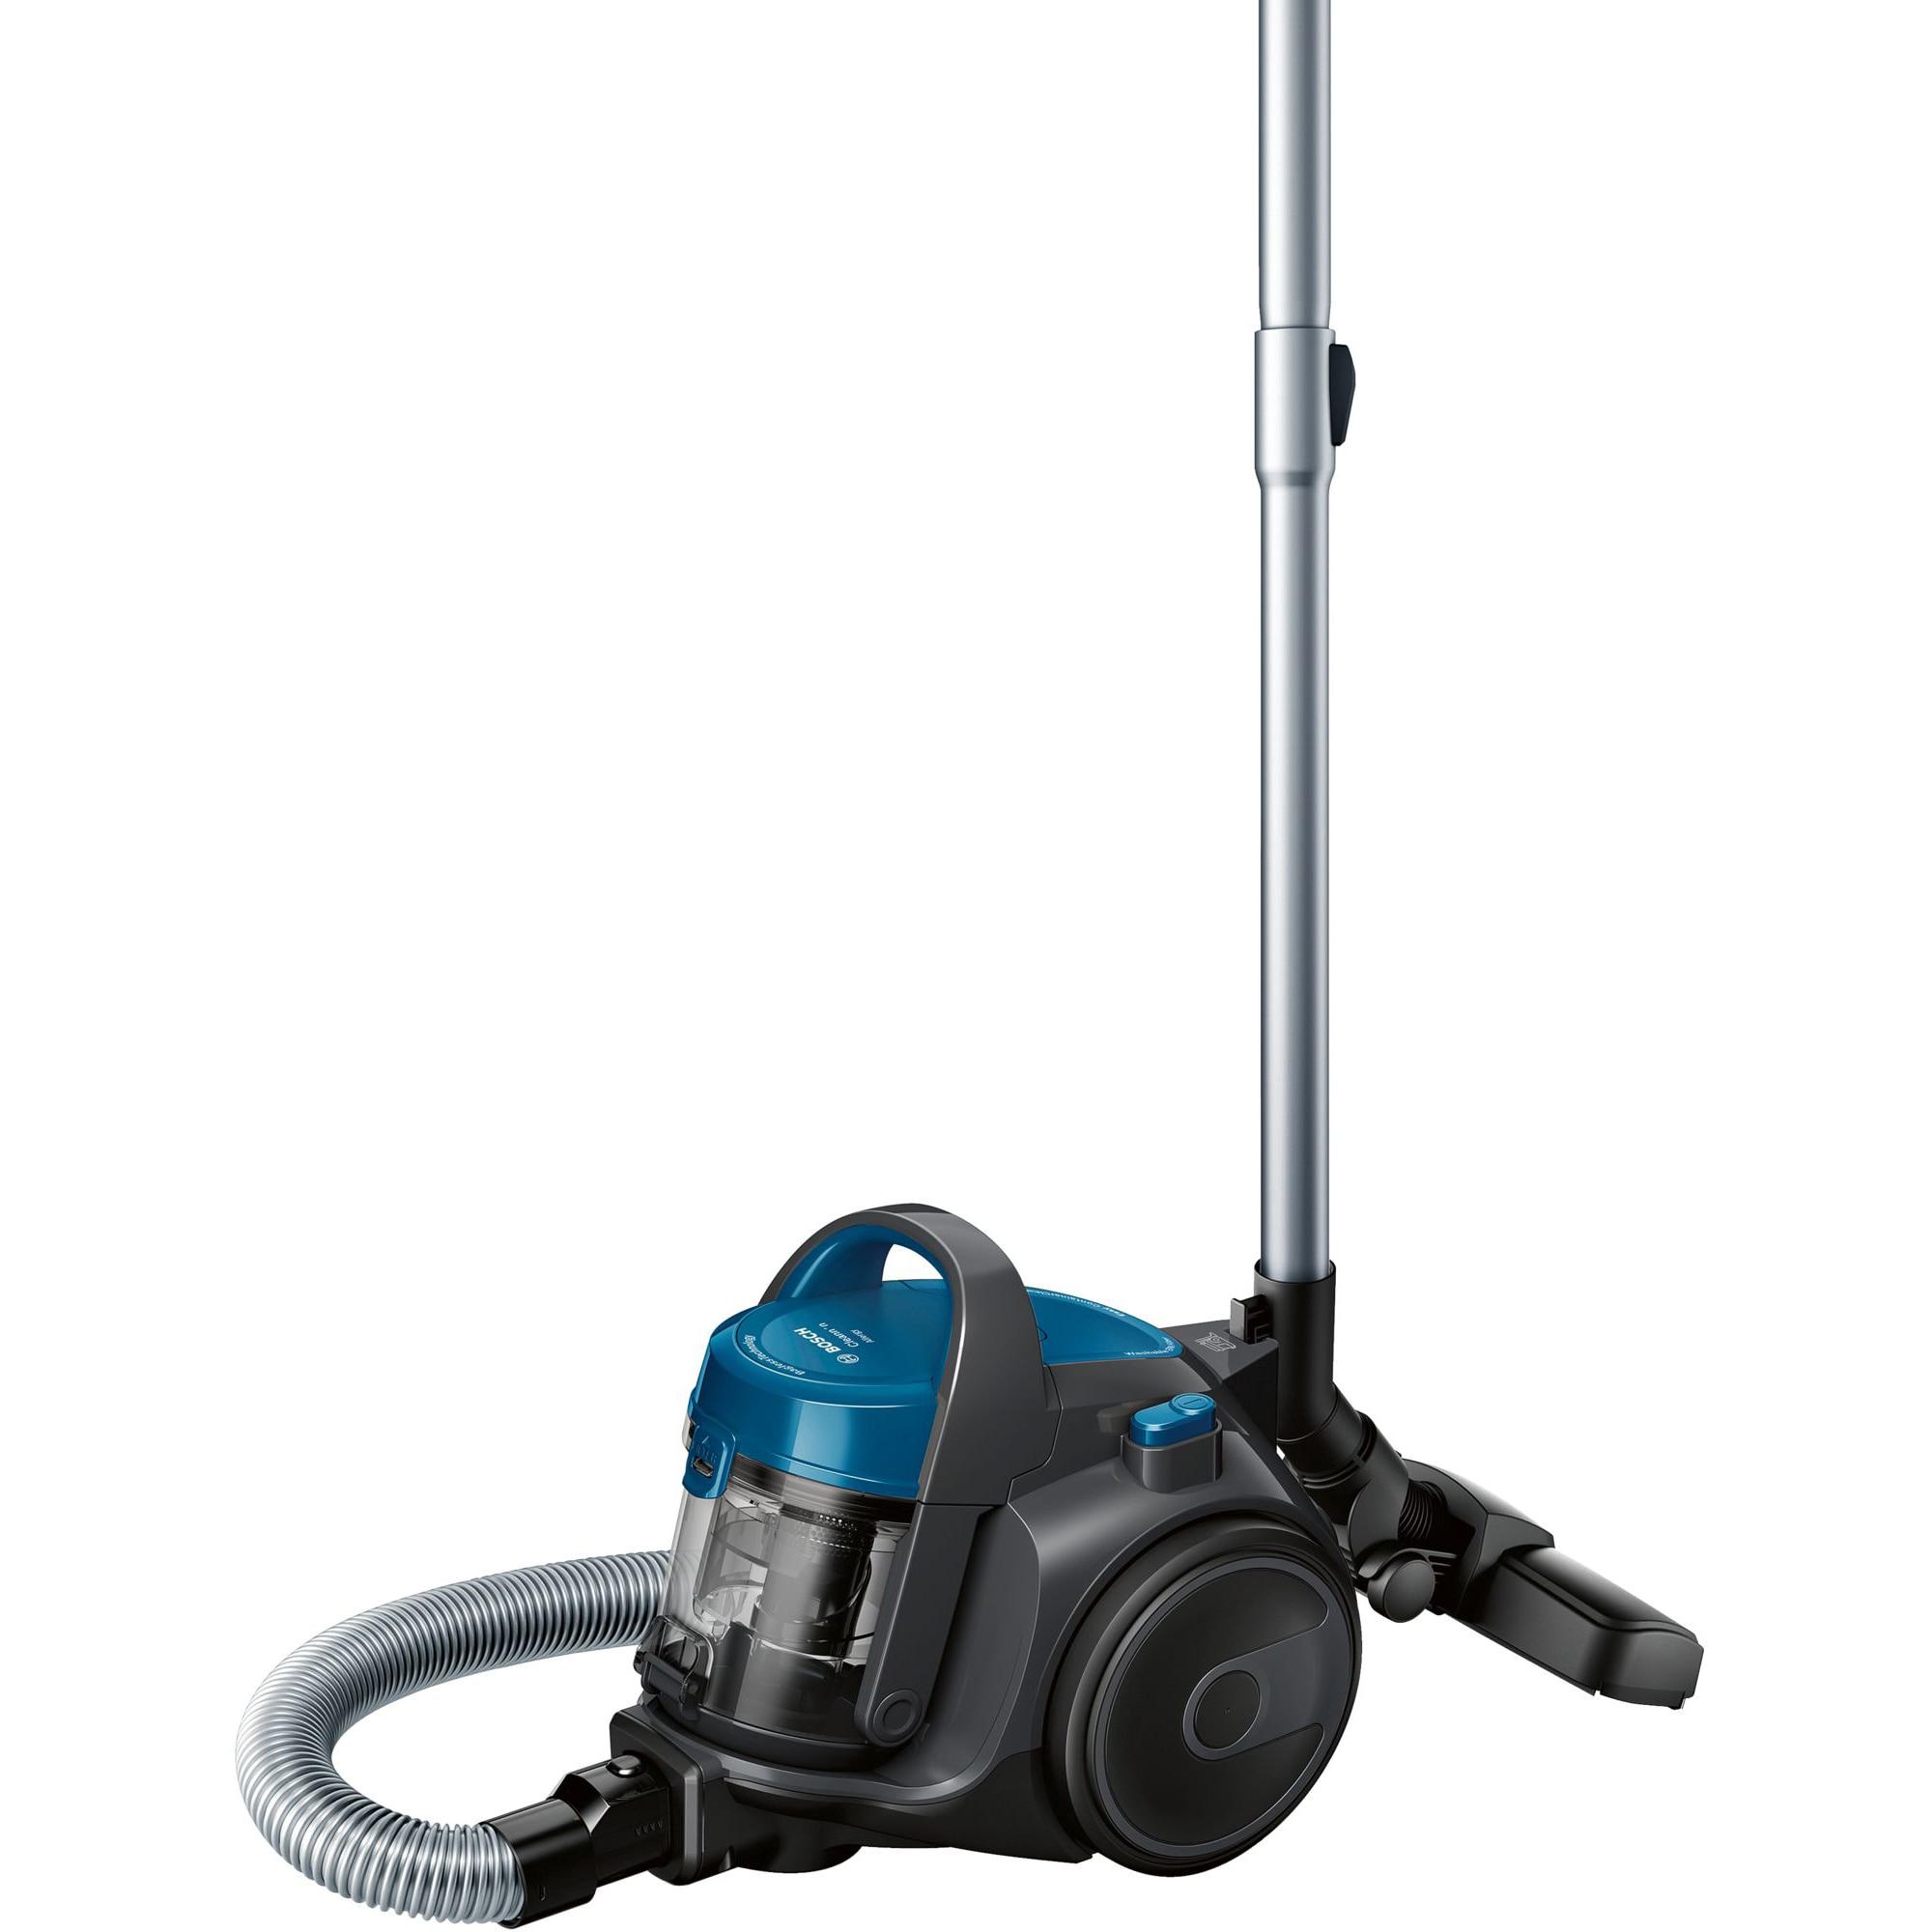 Fotografie Aspirator fara sac Bosch BGS05A220, 700 W, 1.5 l, 3 A, Filtru igienic PureAir, Negru/Albastru